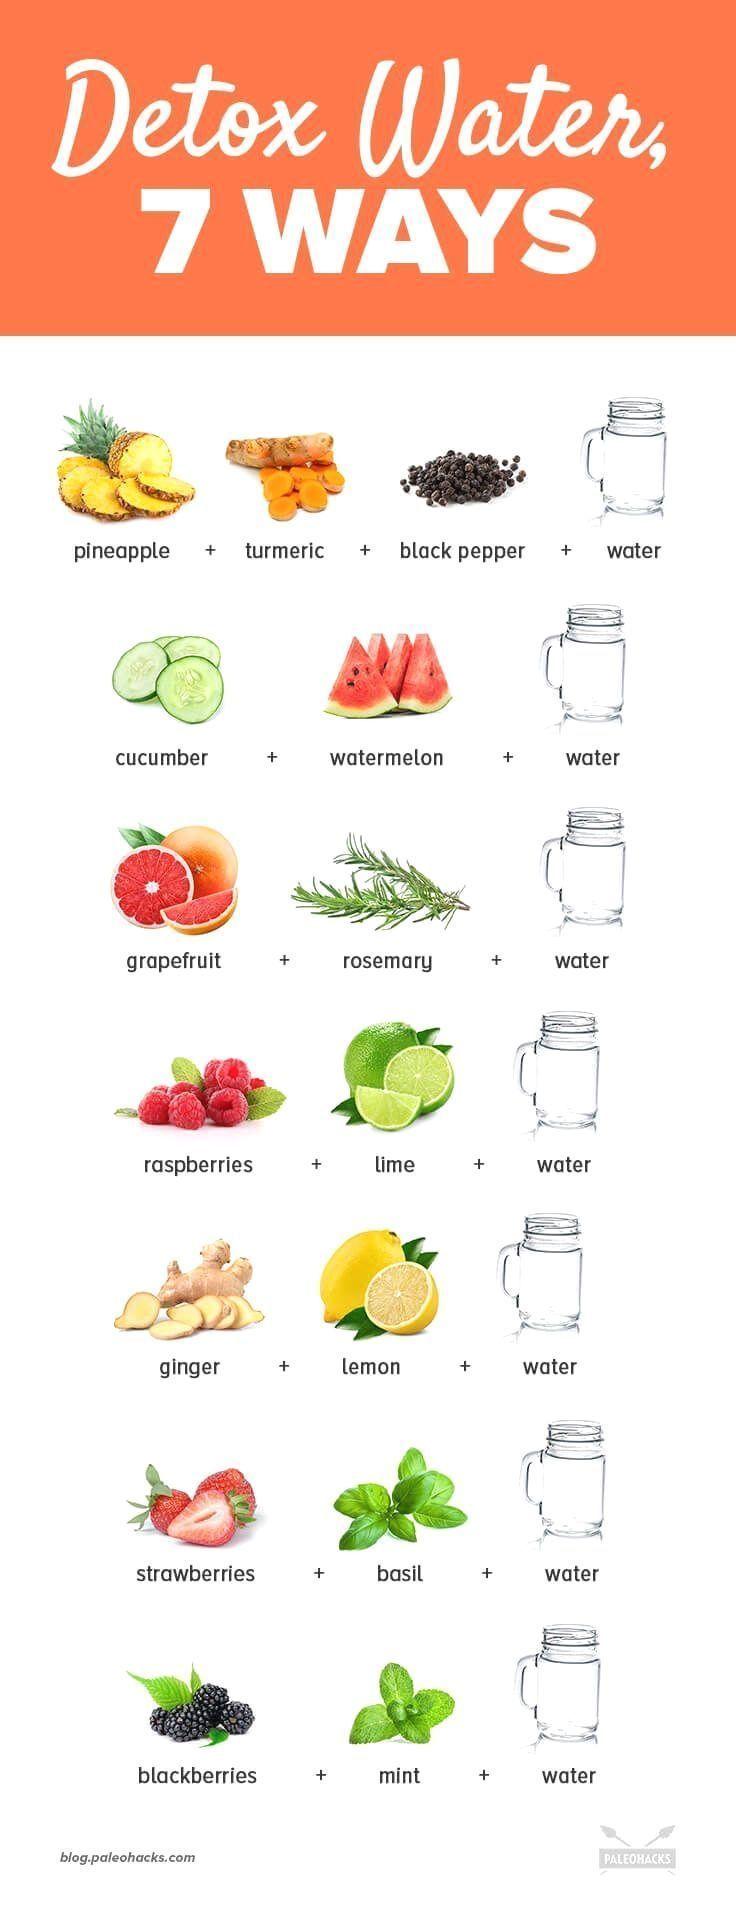 #Detox Waters Für klare Haut – Gesundheit – #Detox # für #Haut #Health #klare, #Detox #Entgiftung …  – Detox